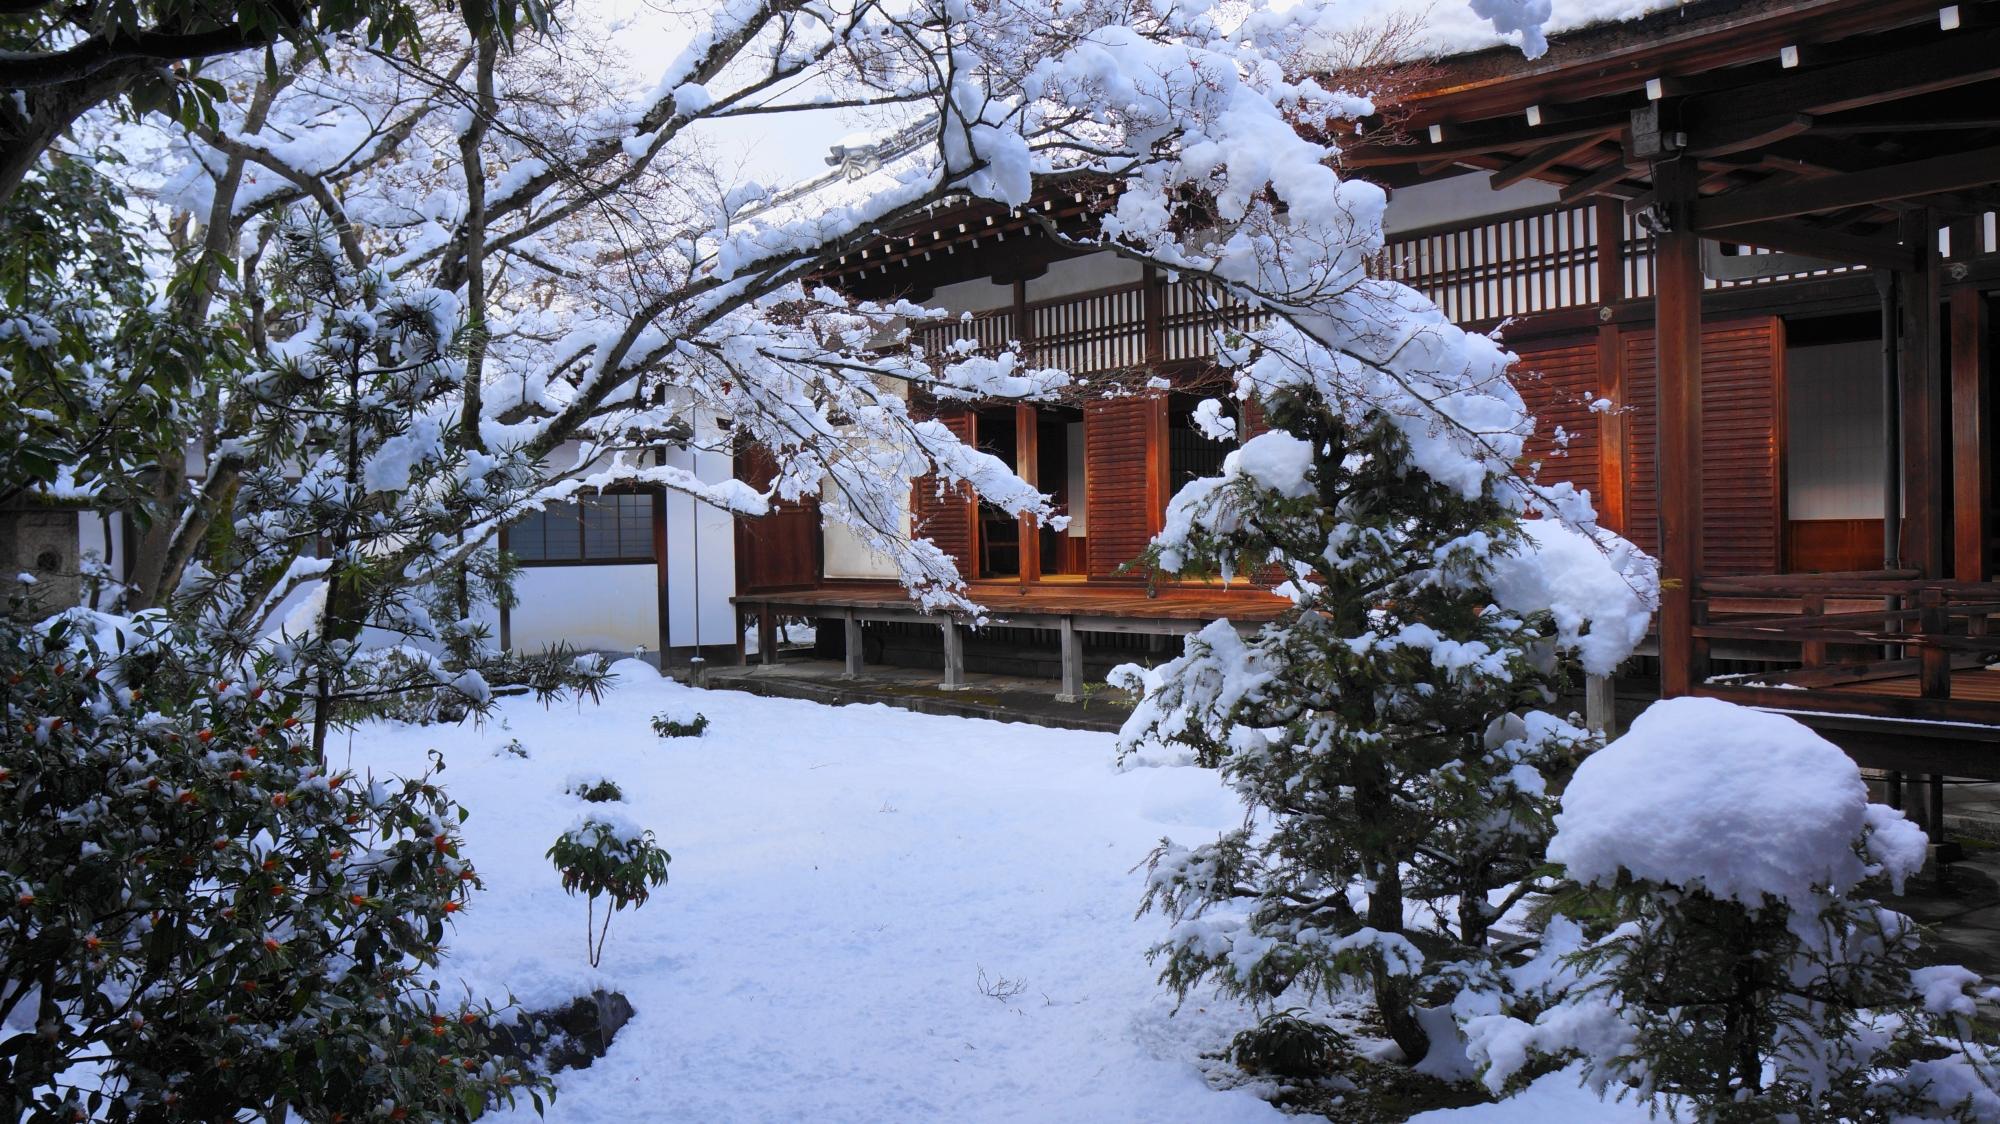 仁和寺の黒書院前庭園の雪景色